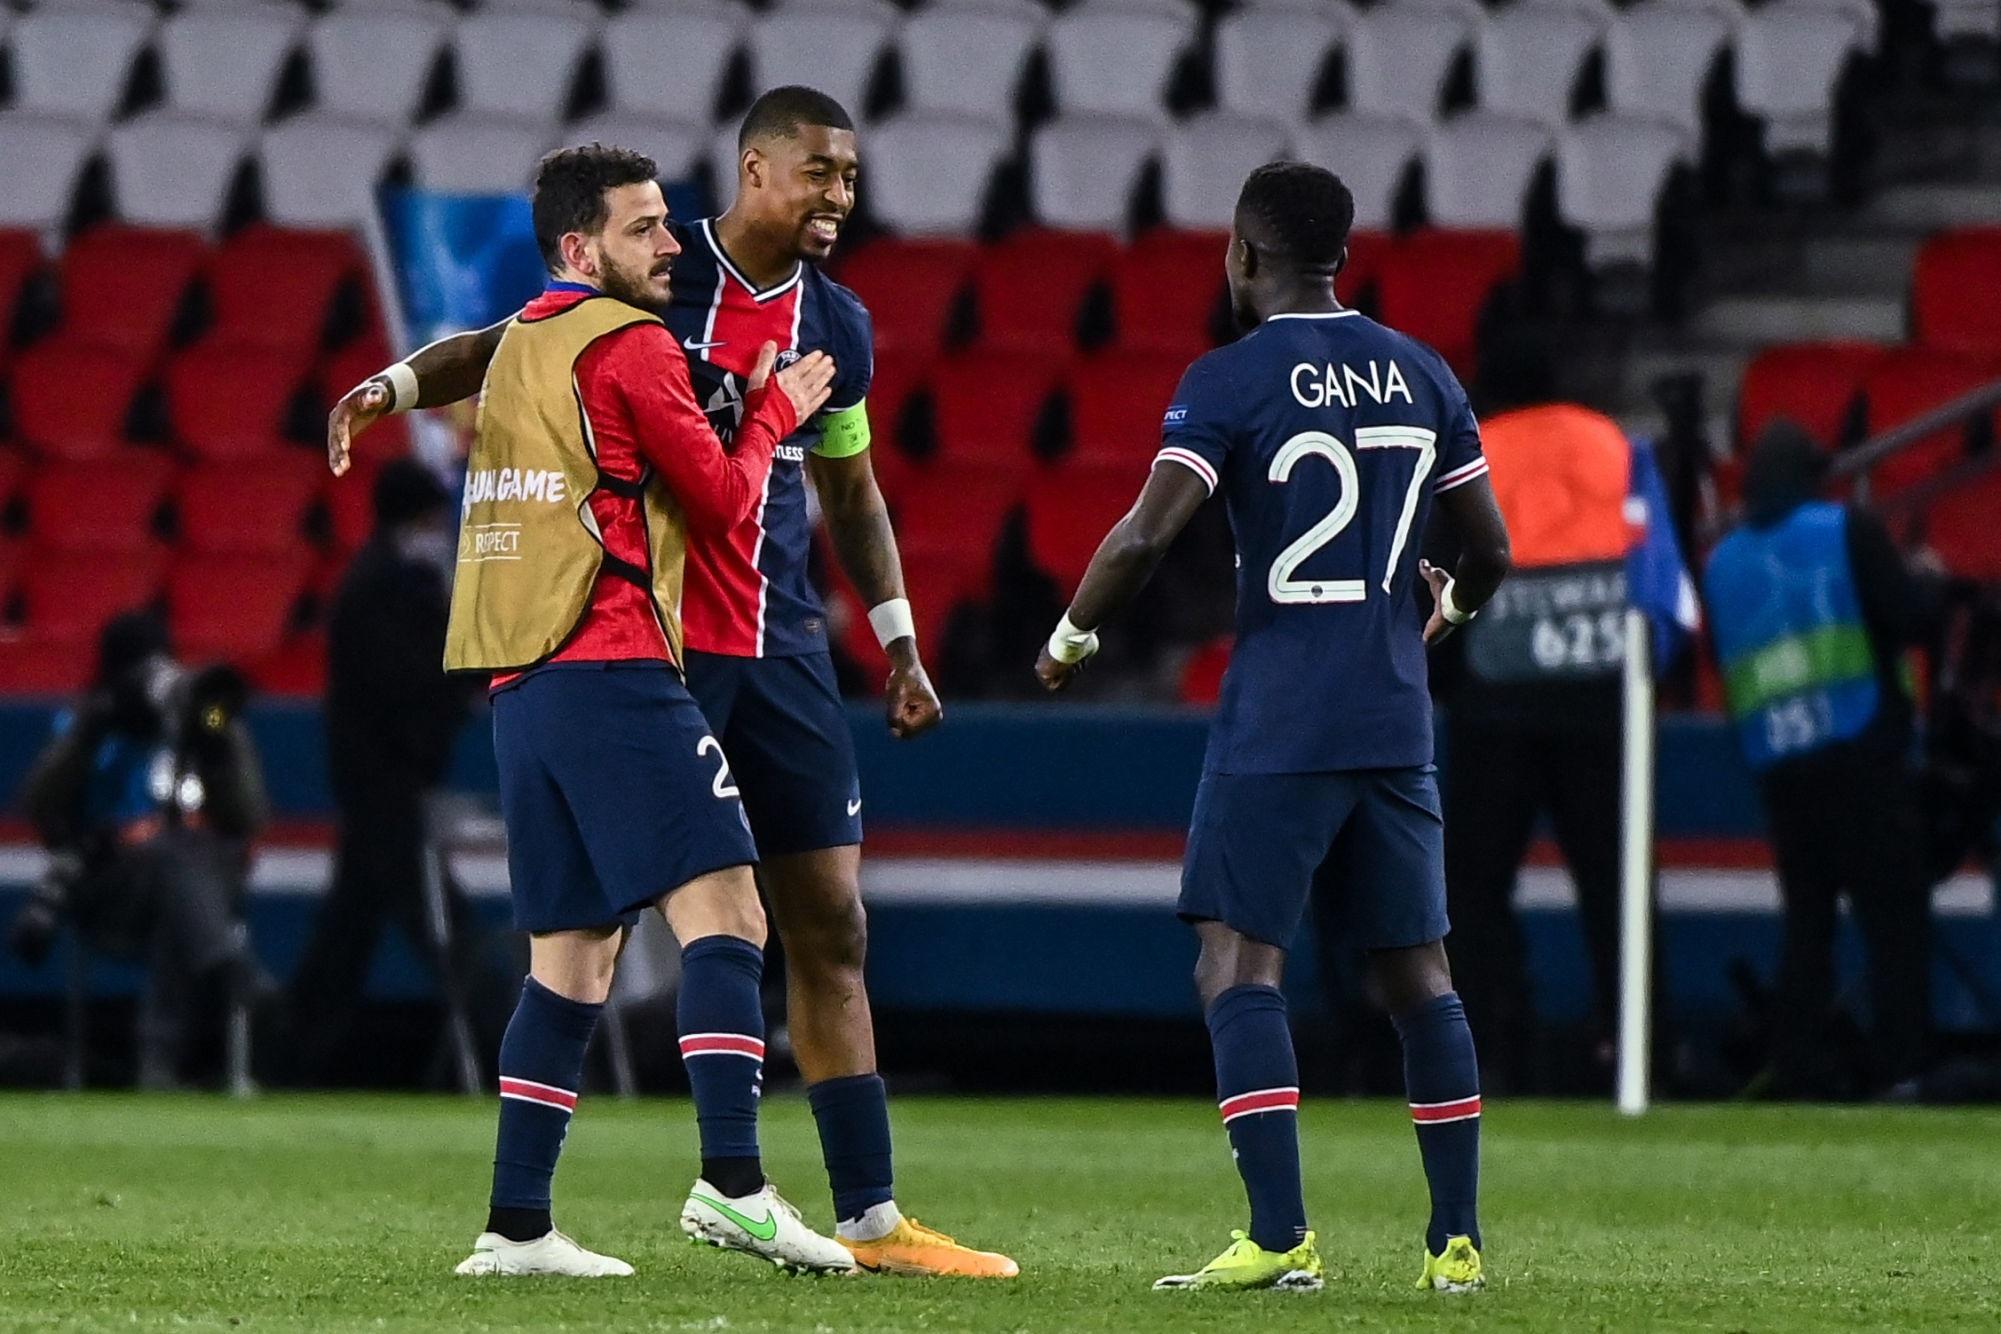 """PSG/Bayern - Kimpembe """"C'est beau...L'équipe a su répondre présent"""""""